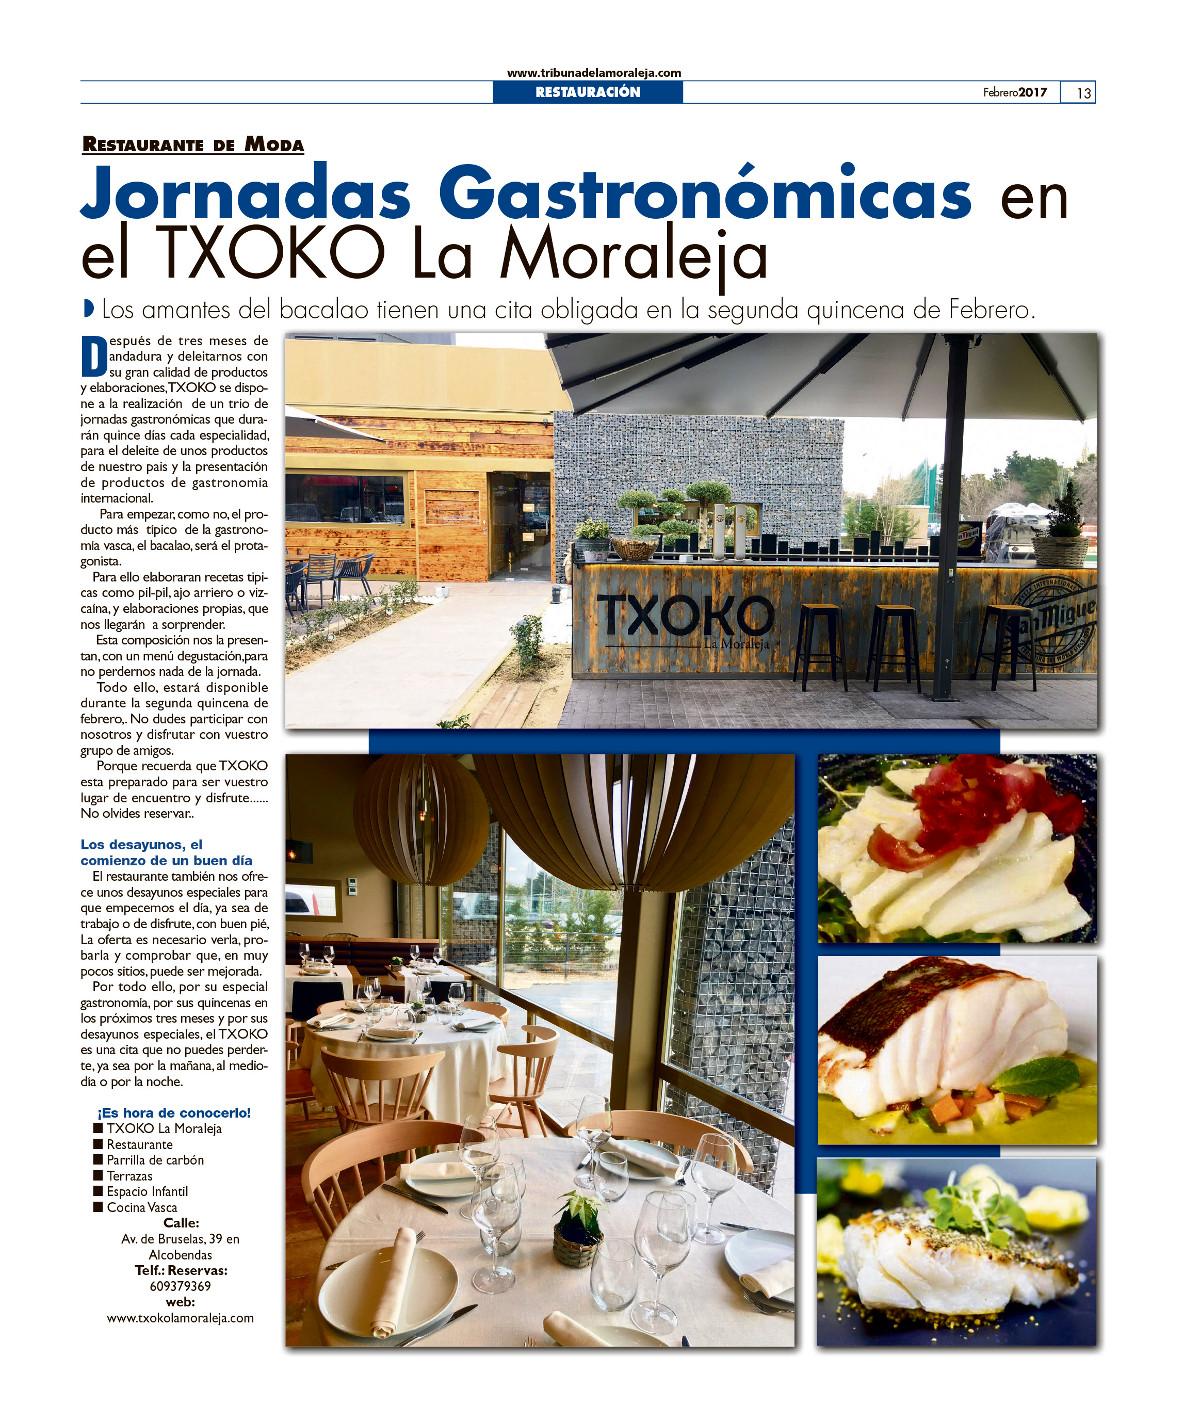 Jornadas Gastgronómicas Bacalo Txoko La Moraleja